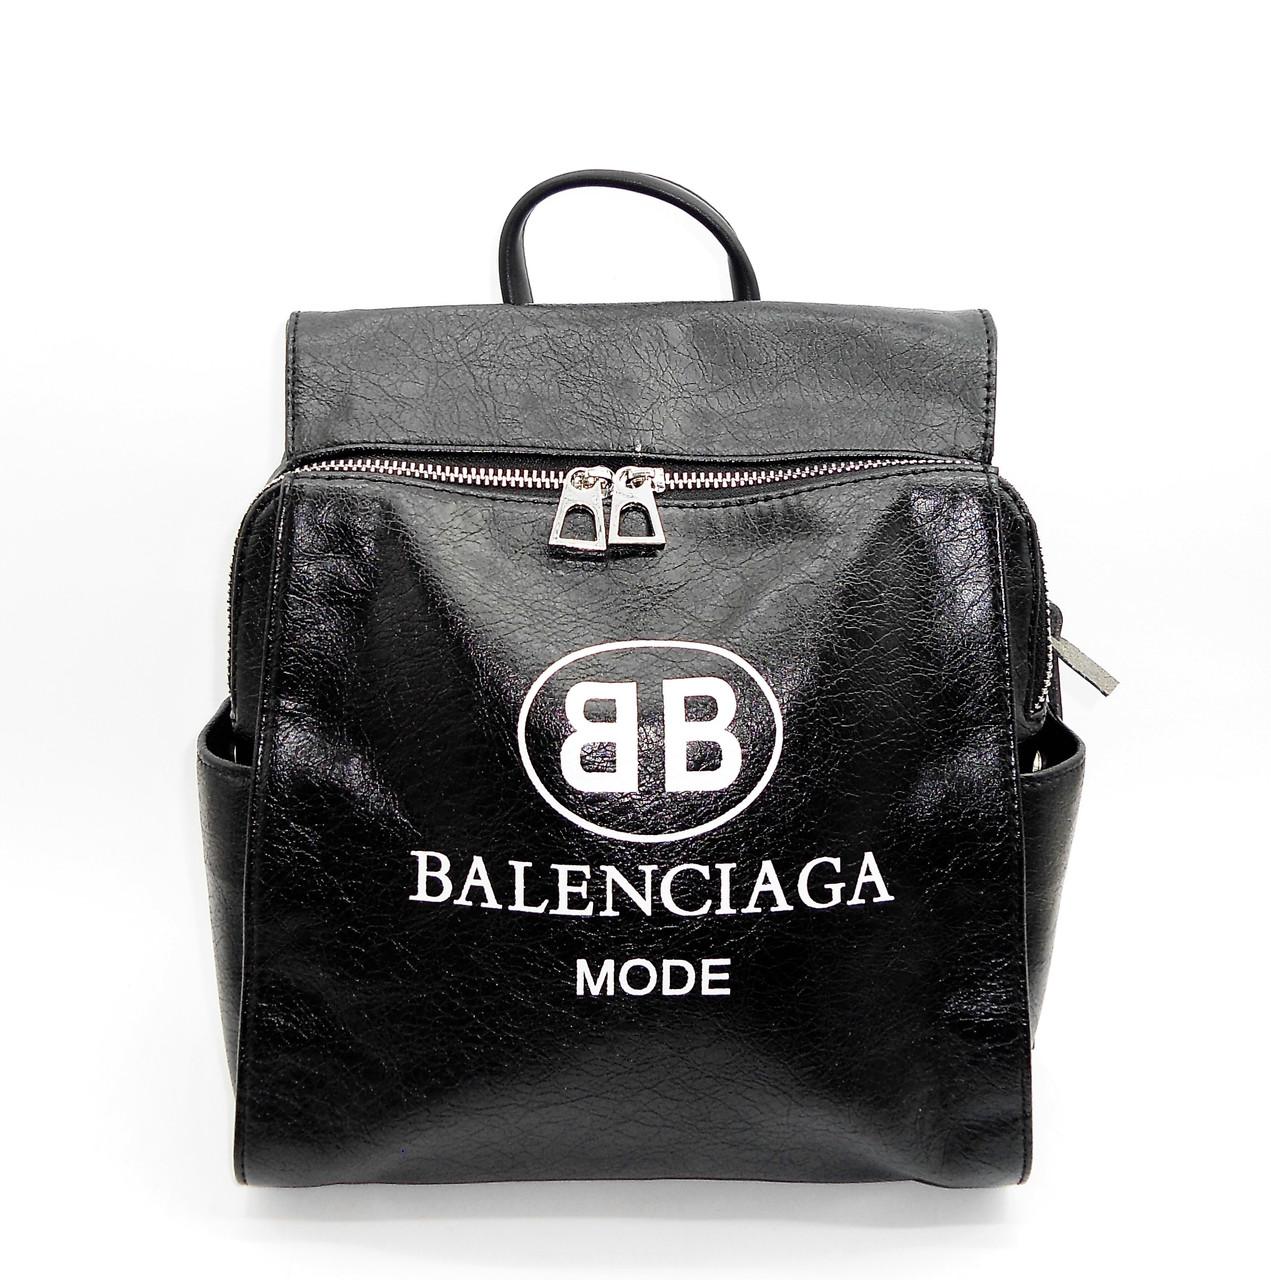 0ec67eeed019 Модный женский кожаный рюкзак-сумочка DBN-032771 Италия: купить недорого